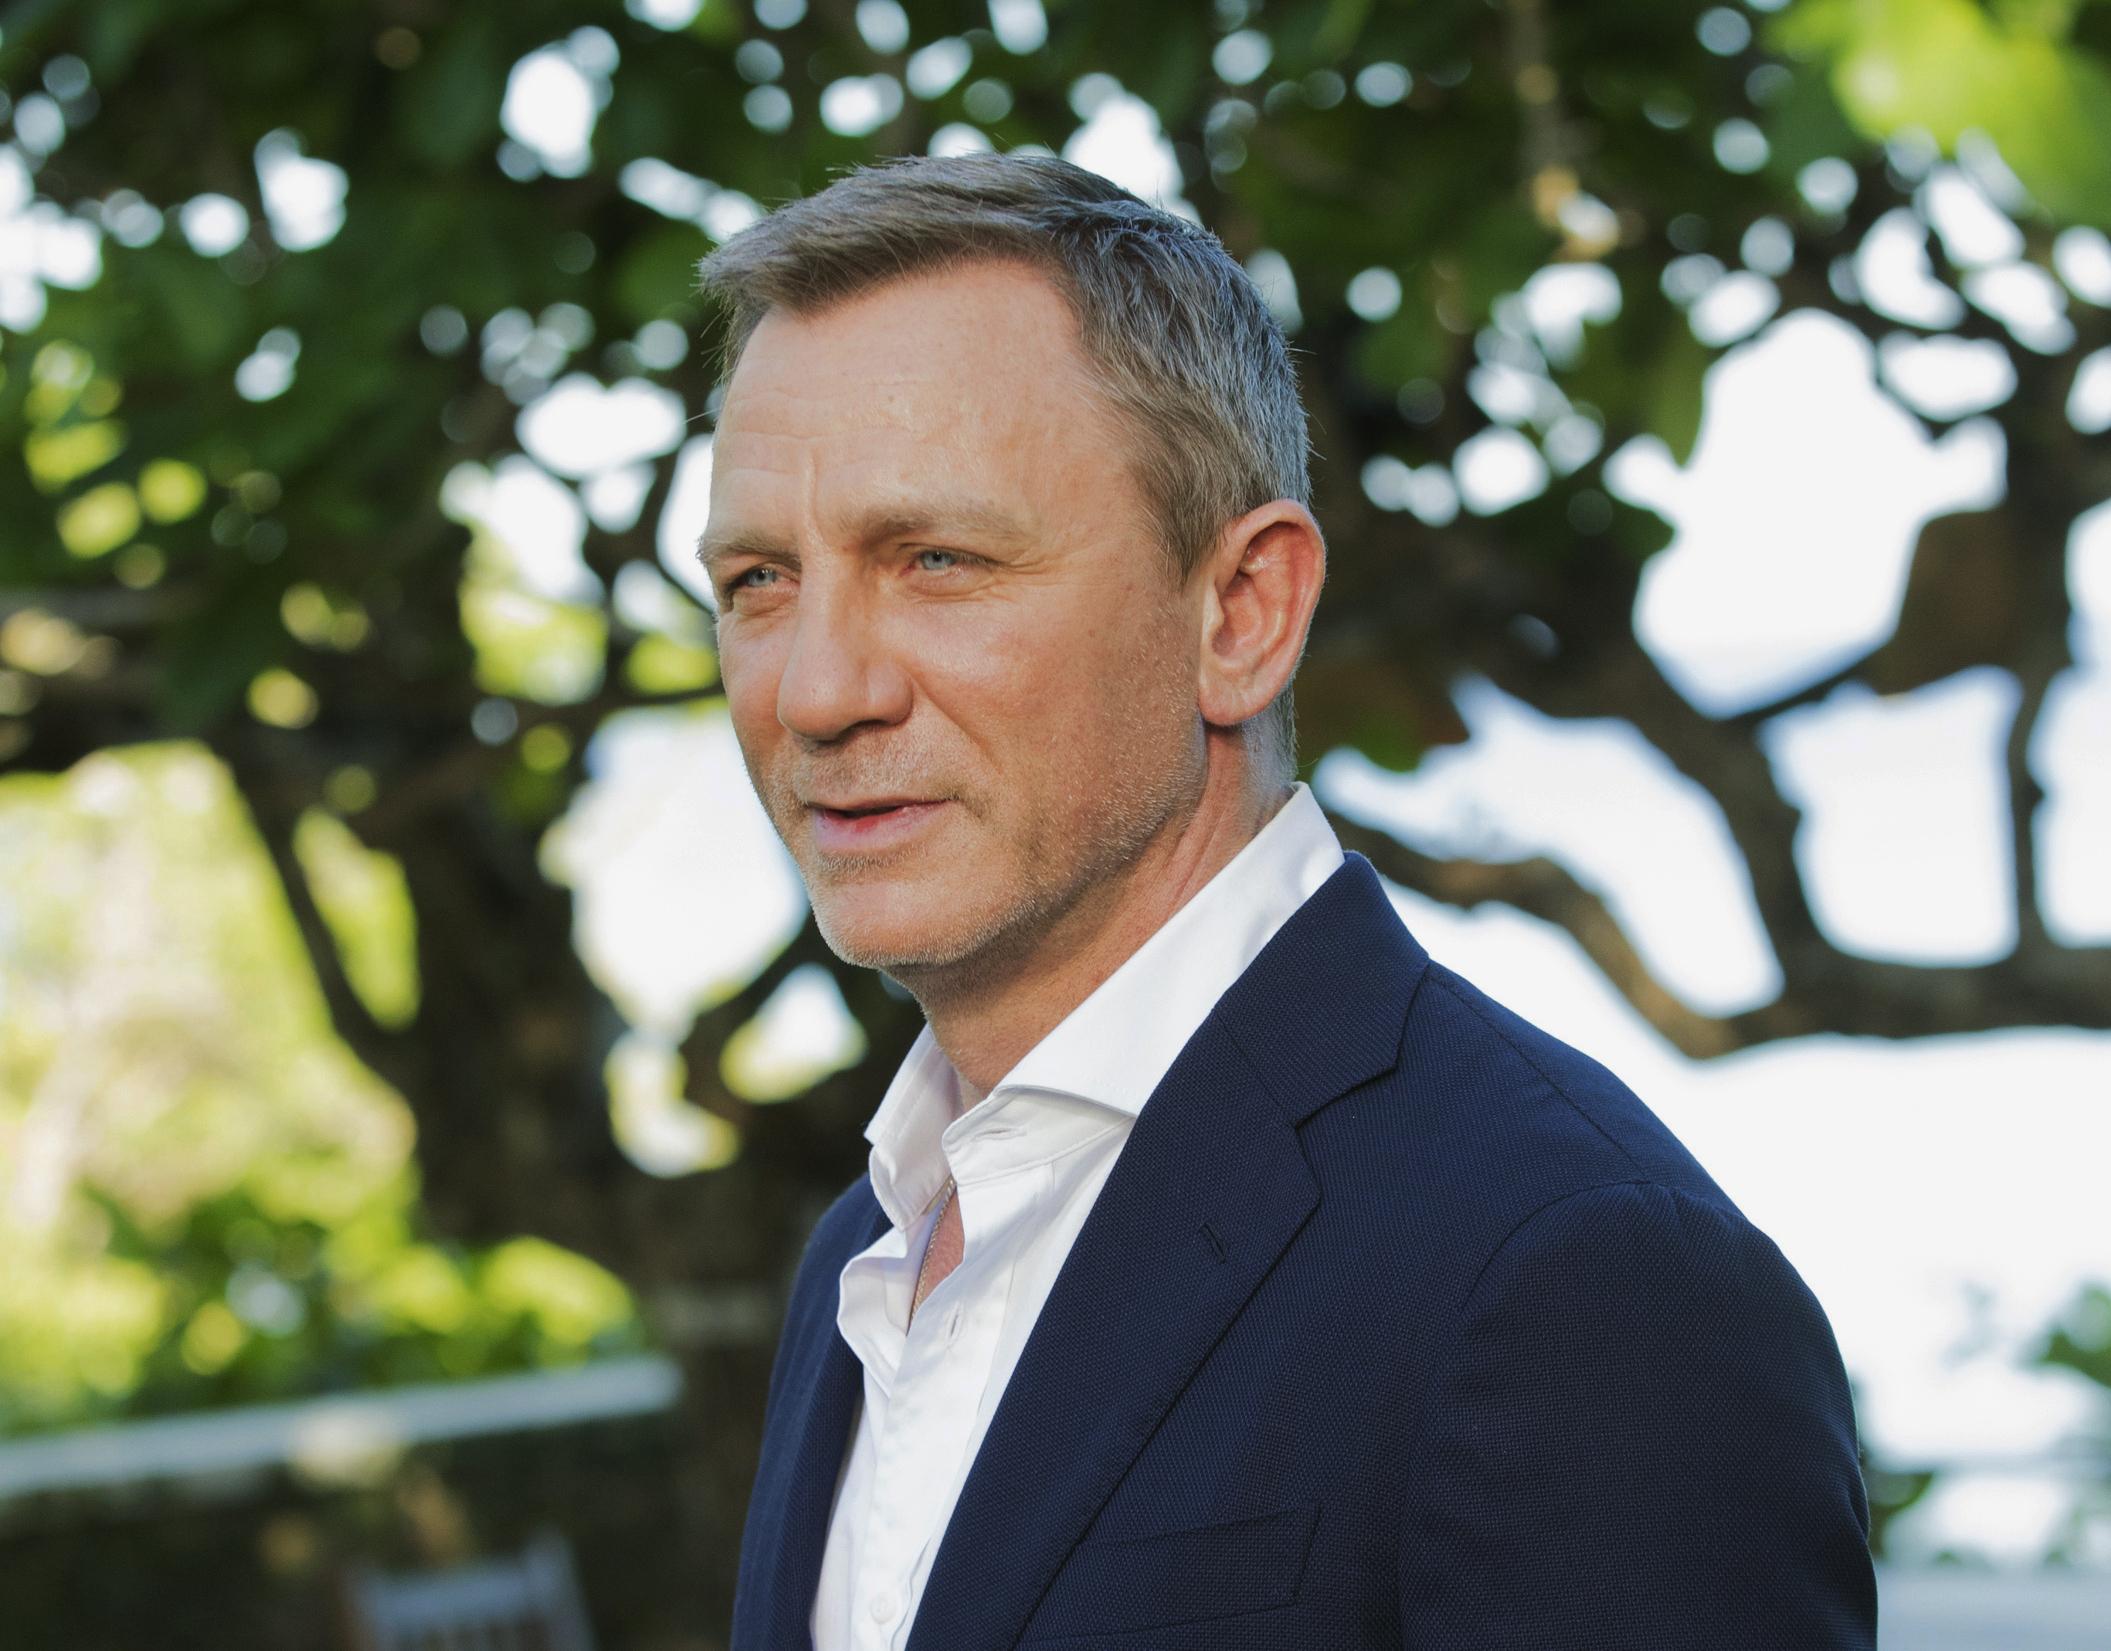 """ARCHIVO – En esta fotografía de archivo del 25 de abril de 2019, el actor Daniel Craig posa para retratos durante una sesión de la más reciente entrega de la serie de James Bond actualmente conocida como """"Bond 25"""" en Oracabessa, Jamaica. La 25a película de James Bond ya tiene título: """"No Time to Die"""". Los productores anunciaron el título el martes 20 de agosto después de mucho tiempo en el que solo se referían a ella como """"Bond 25"""". """"No Time to Die"""" tiene de vuelta a Daniel Craig en el papel del agente 007. Rami Malek interpreta al villano. La película será estrenada en 2020. (Foto AP/Leo Hudson, archivo)"""